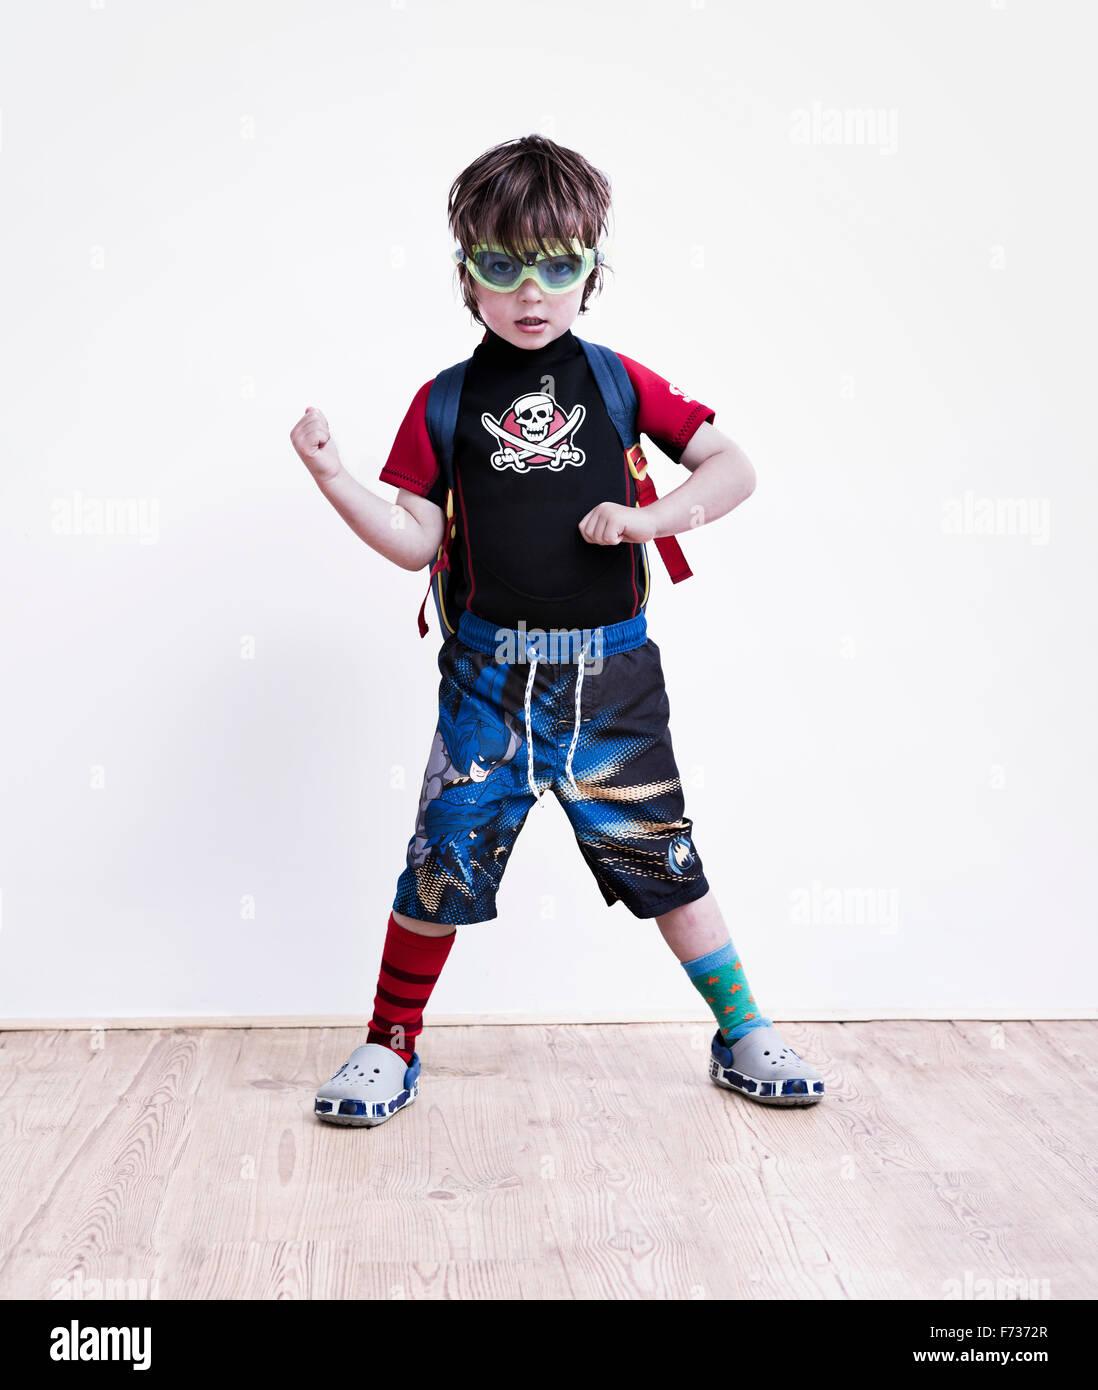 Un muchacho de pie con las piernas separadas posando en Fancy Dress, vistiendo una camiseta de pirata, anteojos Imagen De Stock